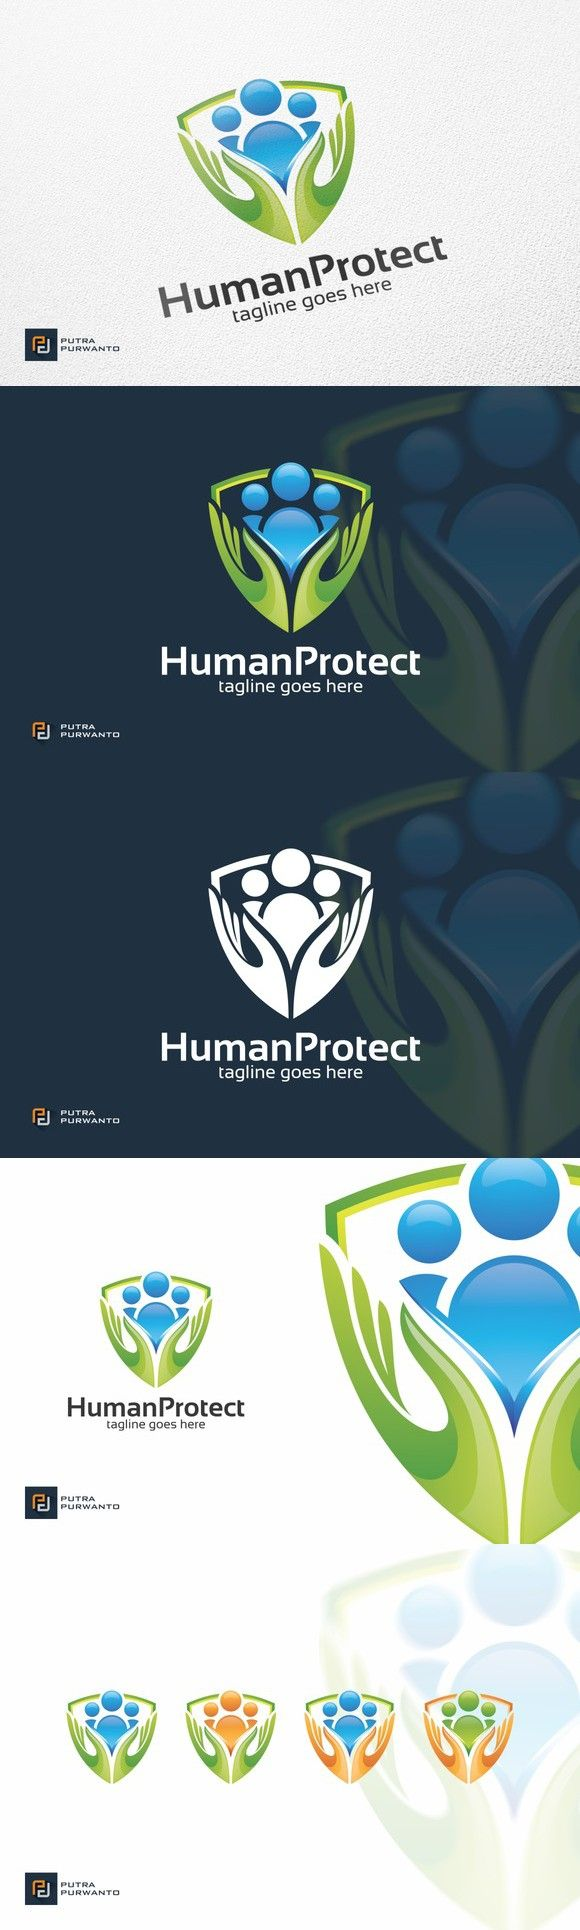 Human Protect - Logo Template. Logo Templates. $29.00